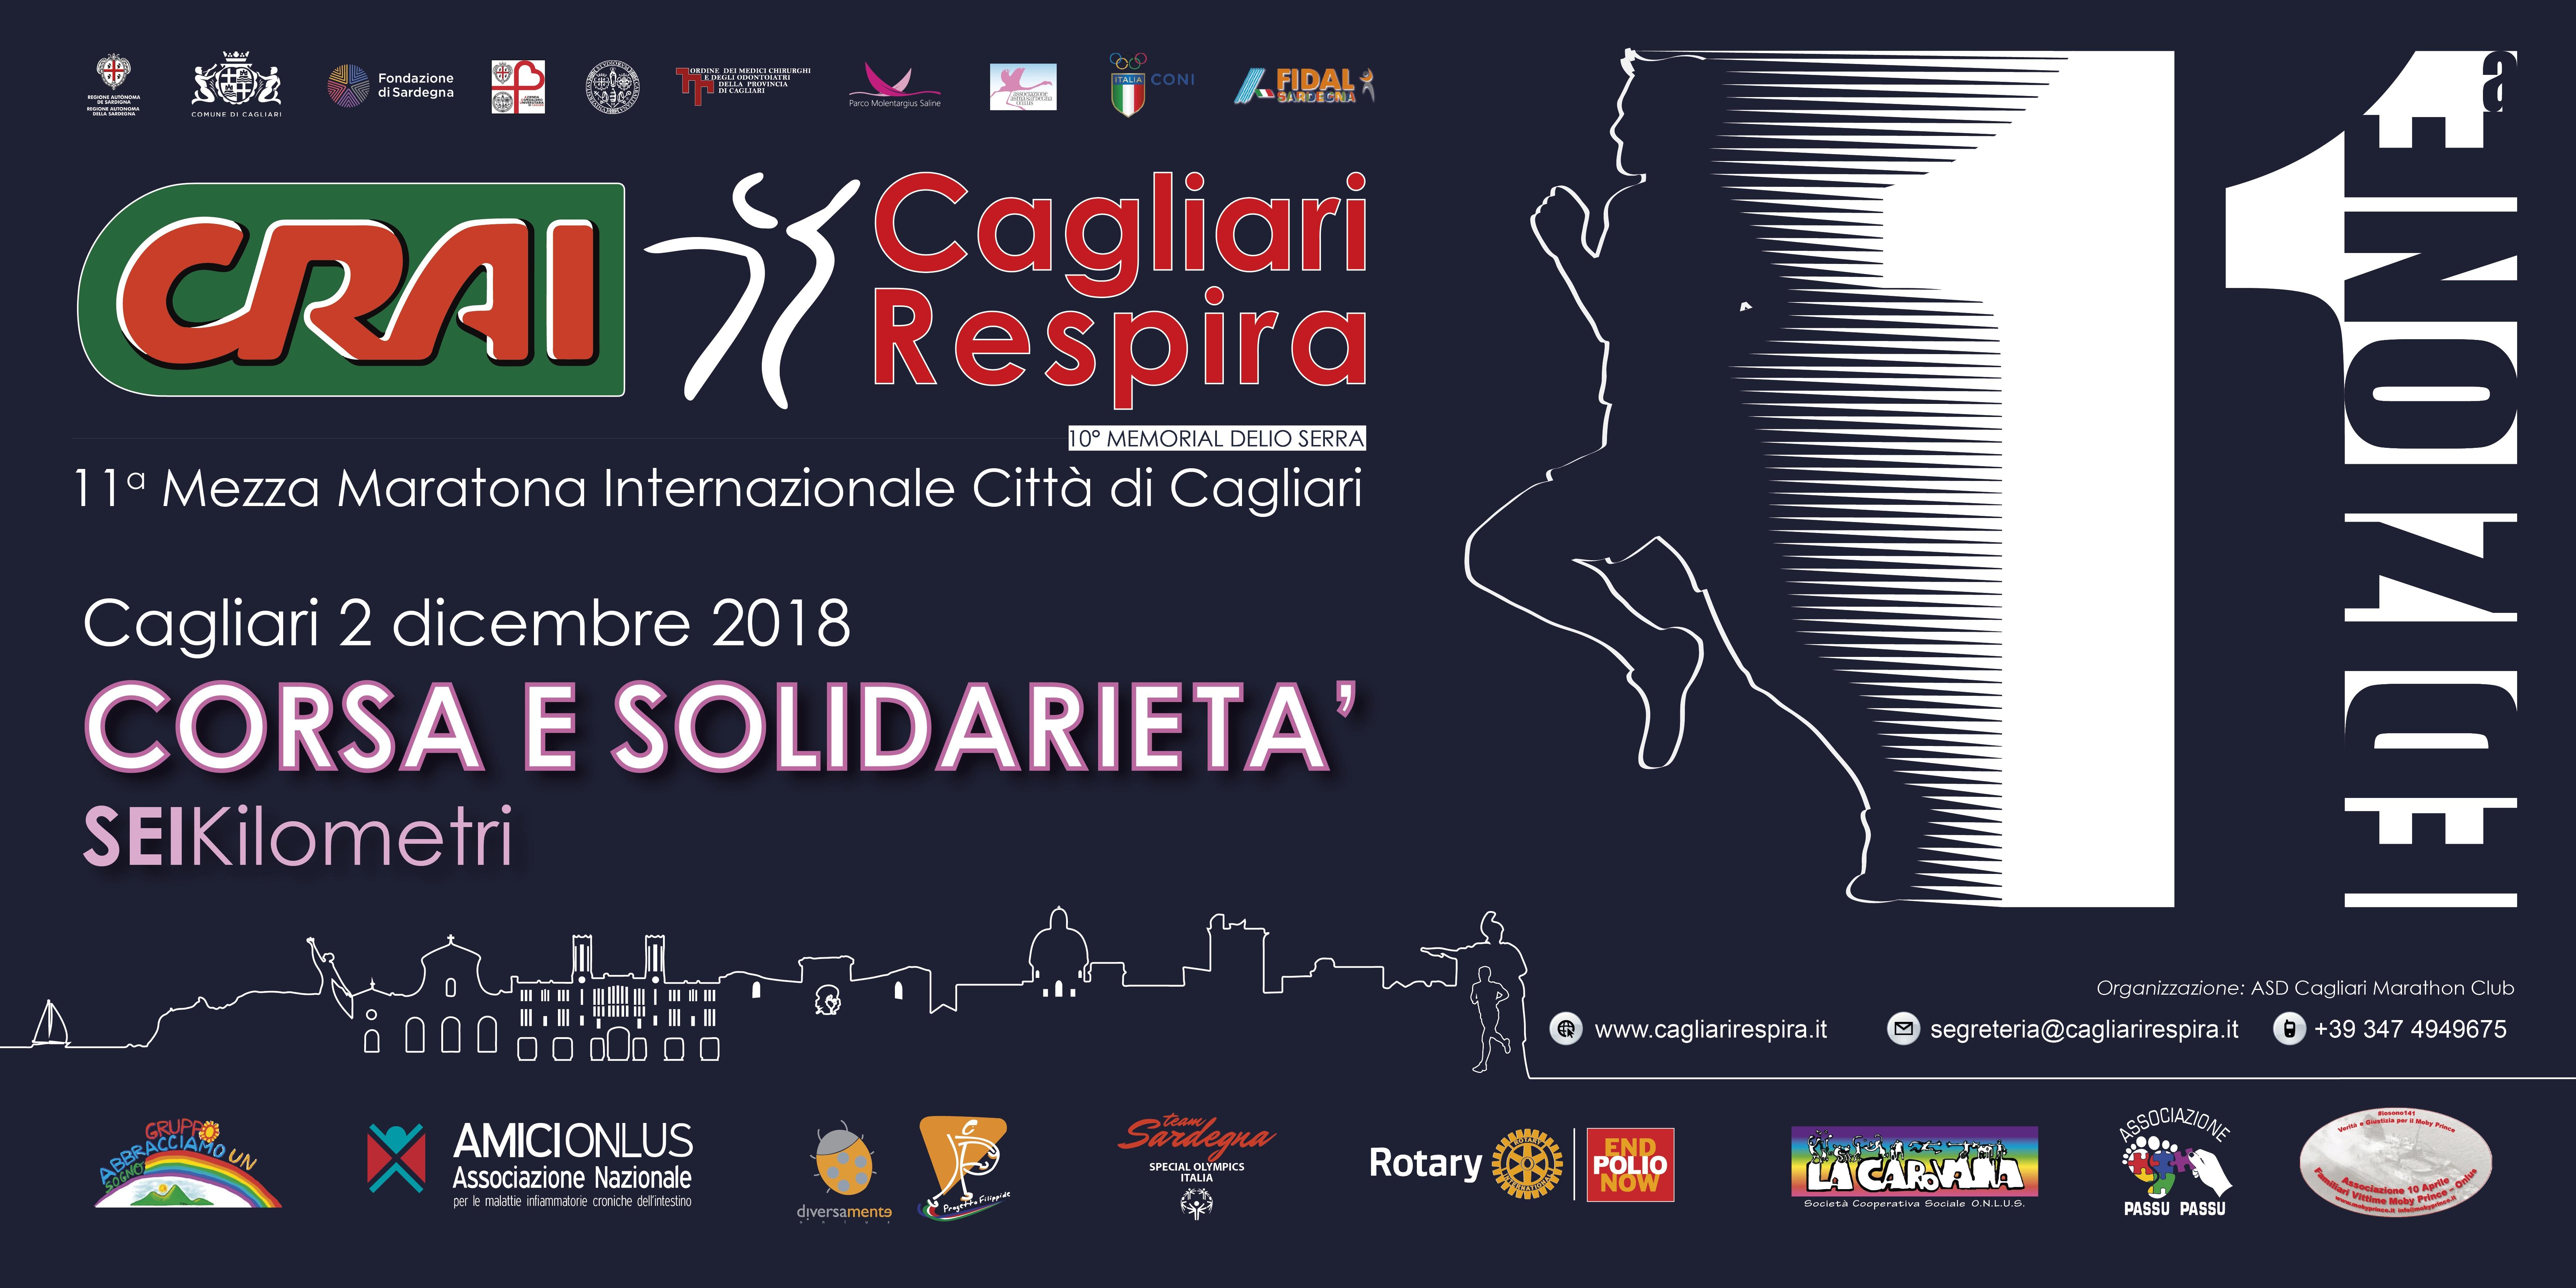 Torna l'iniziativa Corsa e Solidarietà per la CRAI Cagliari Respira